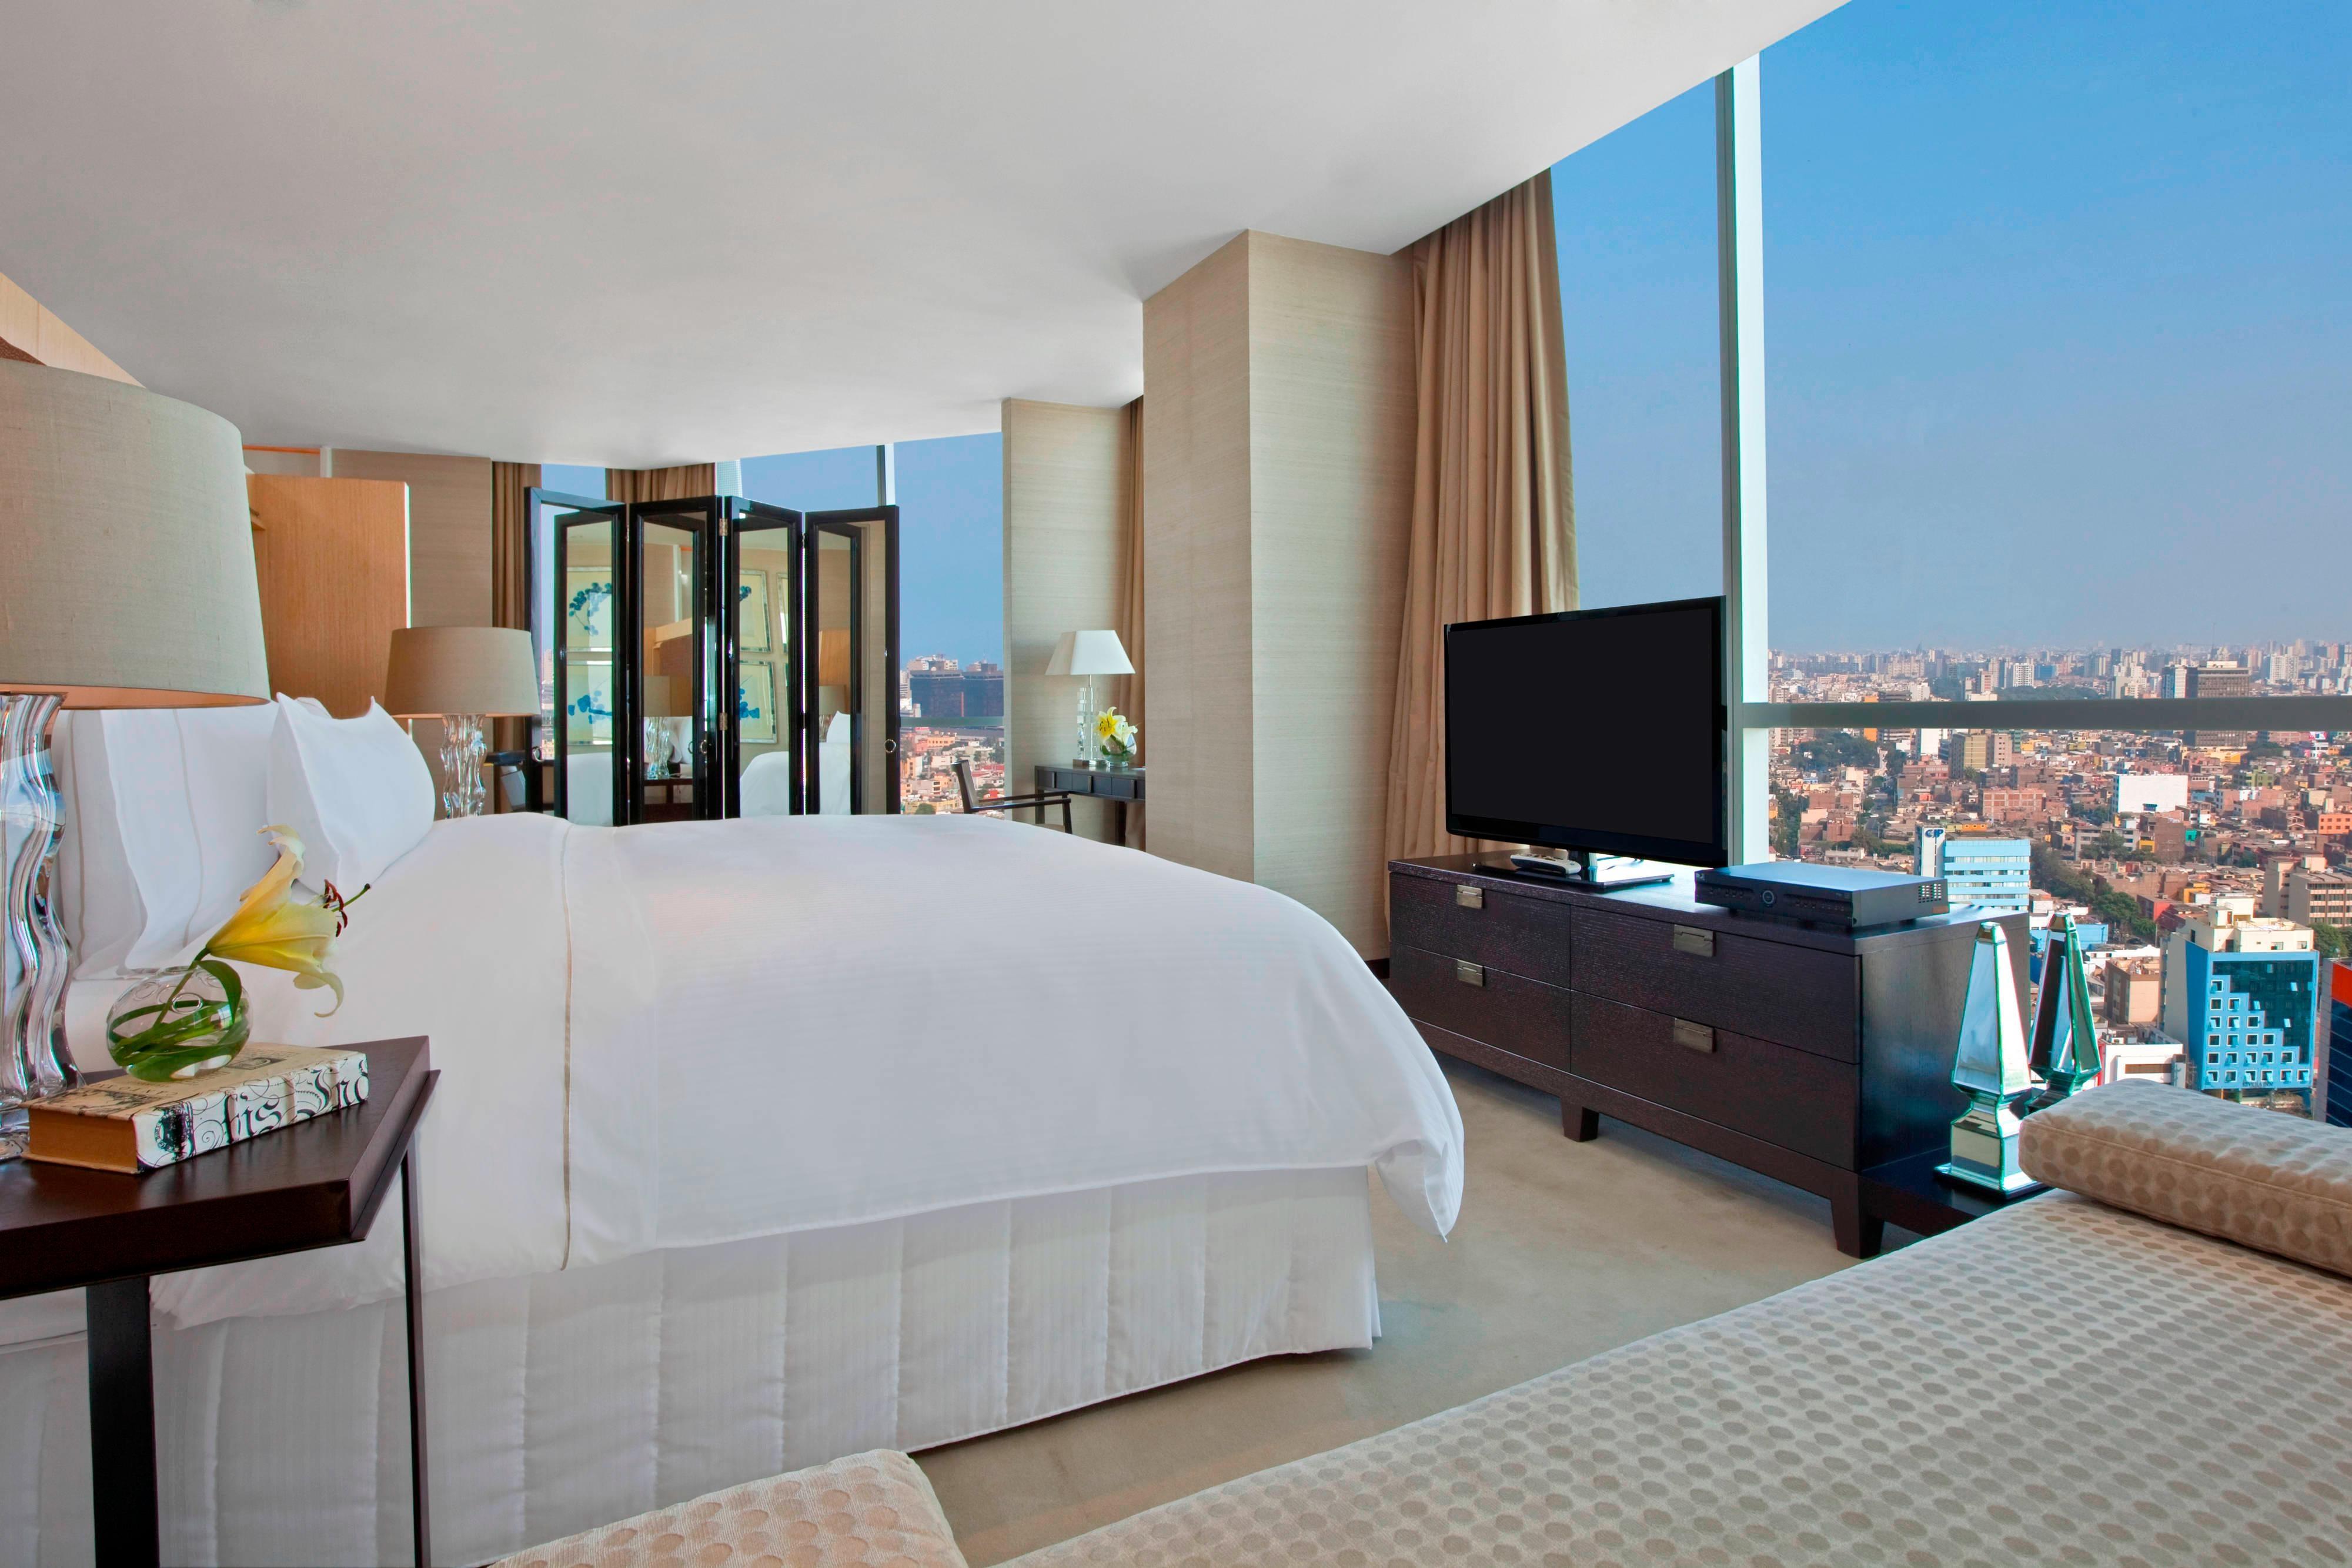 Presidential Suite - Bedroom Room